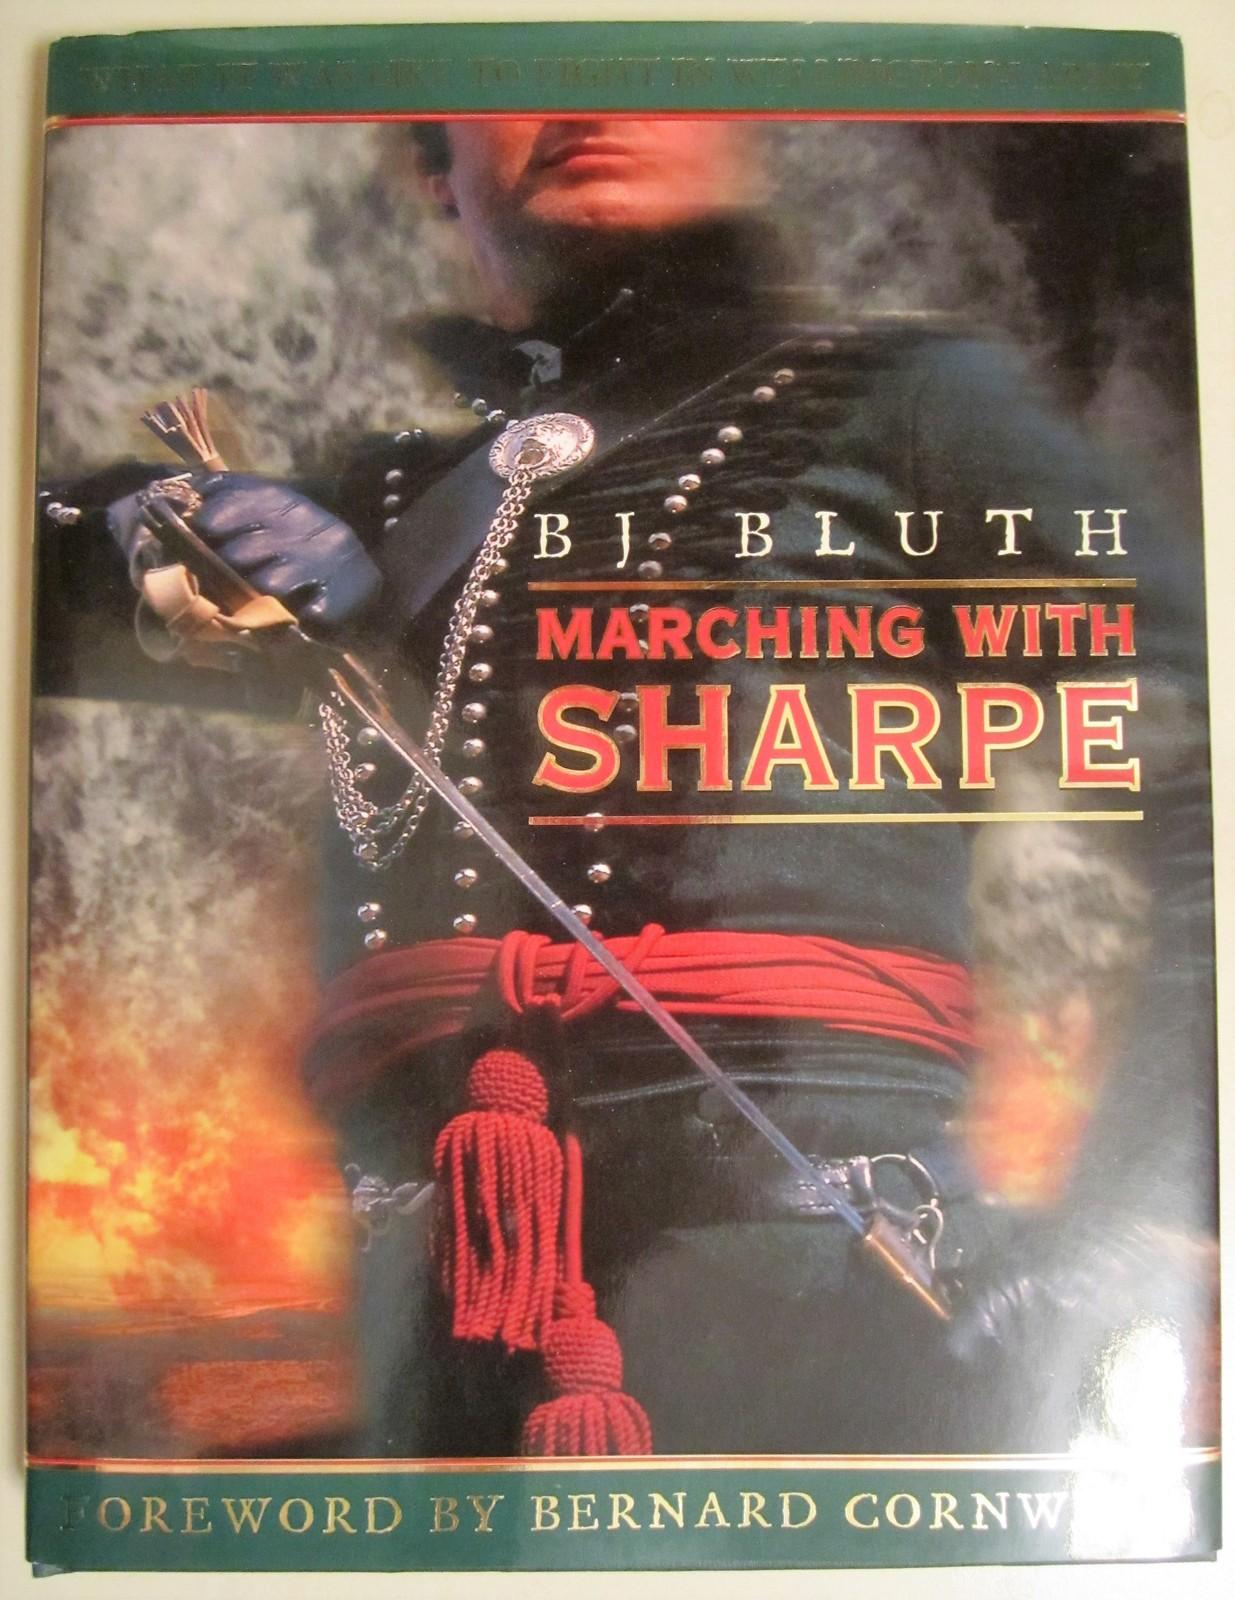 Marchsharpe1